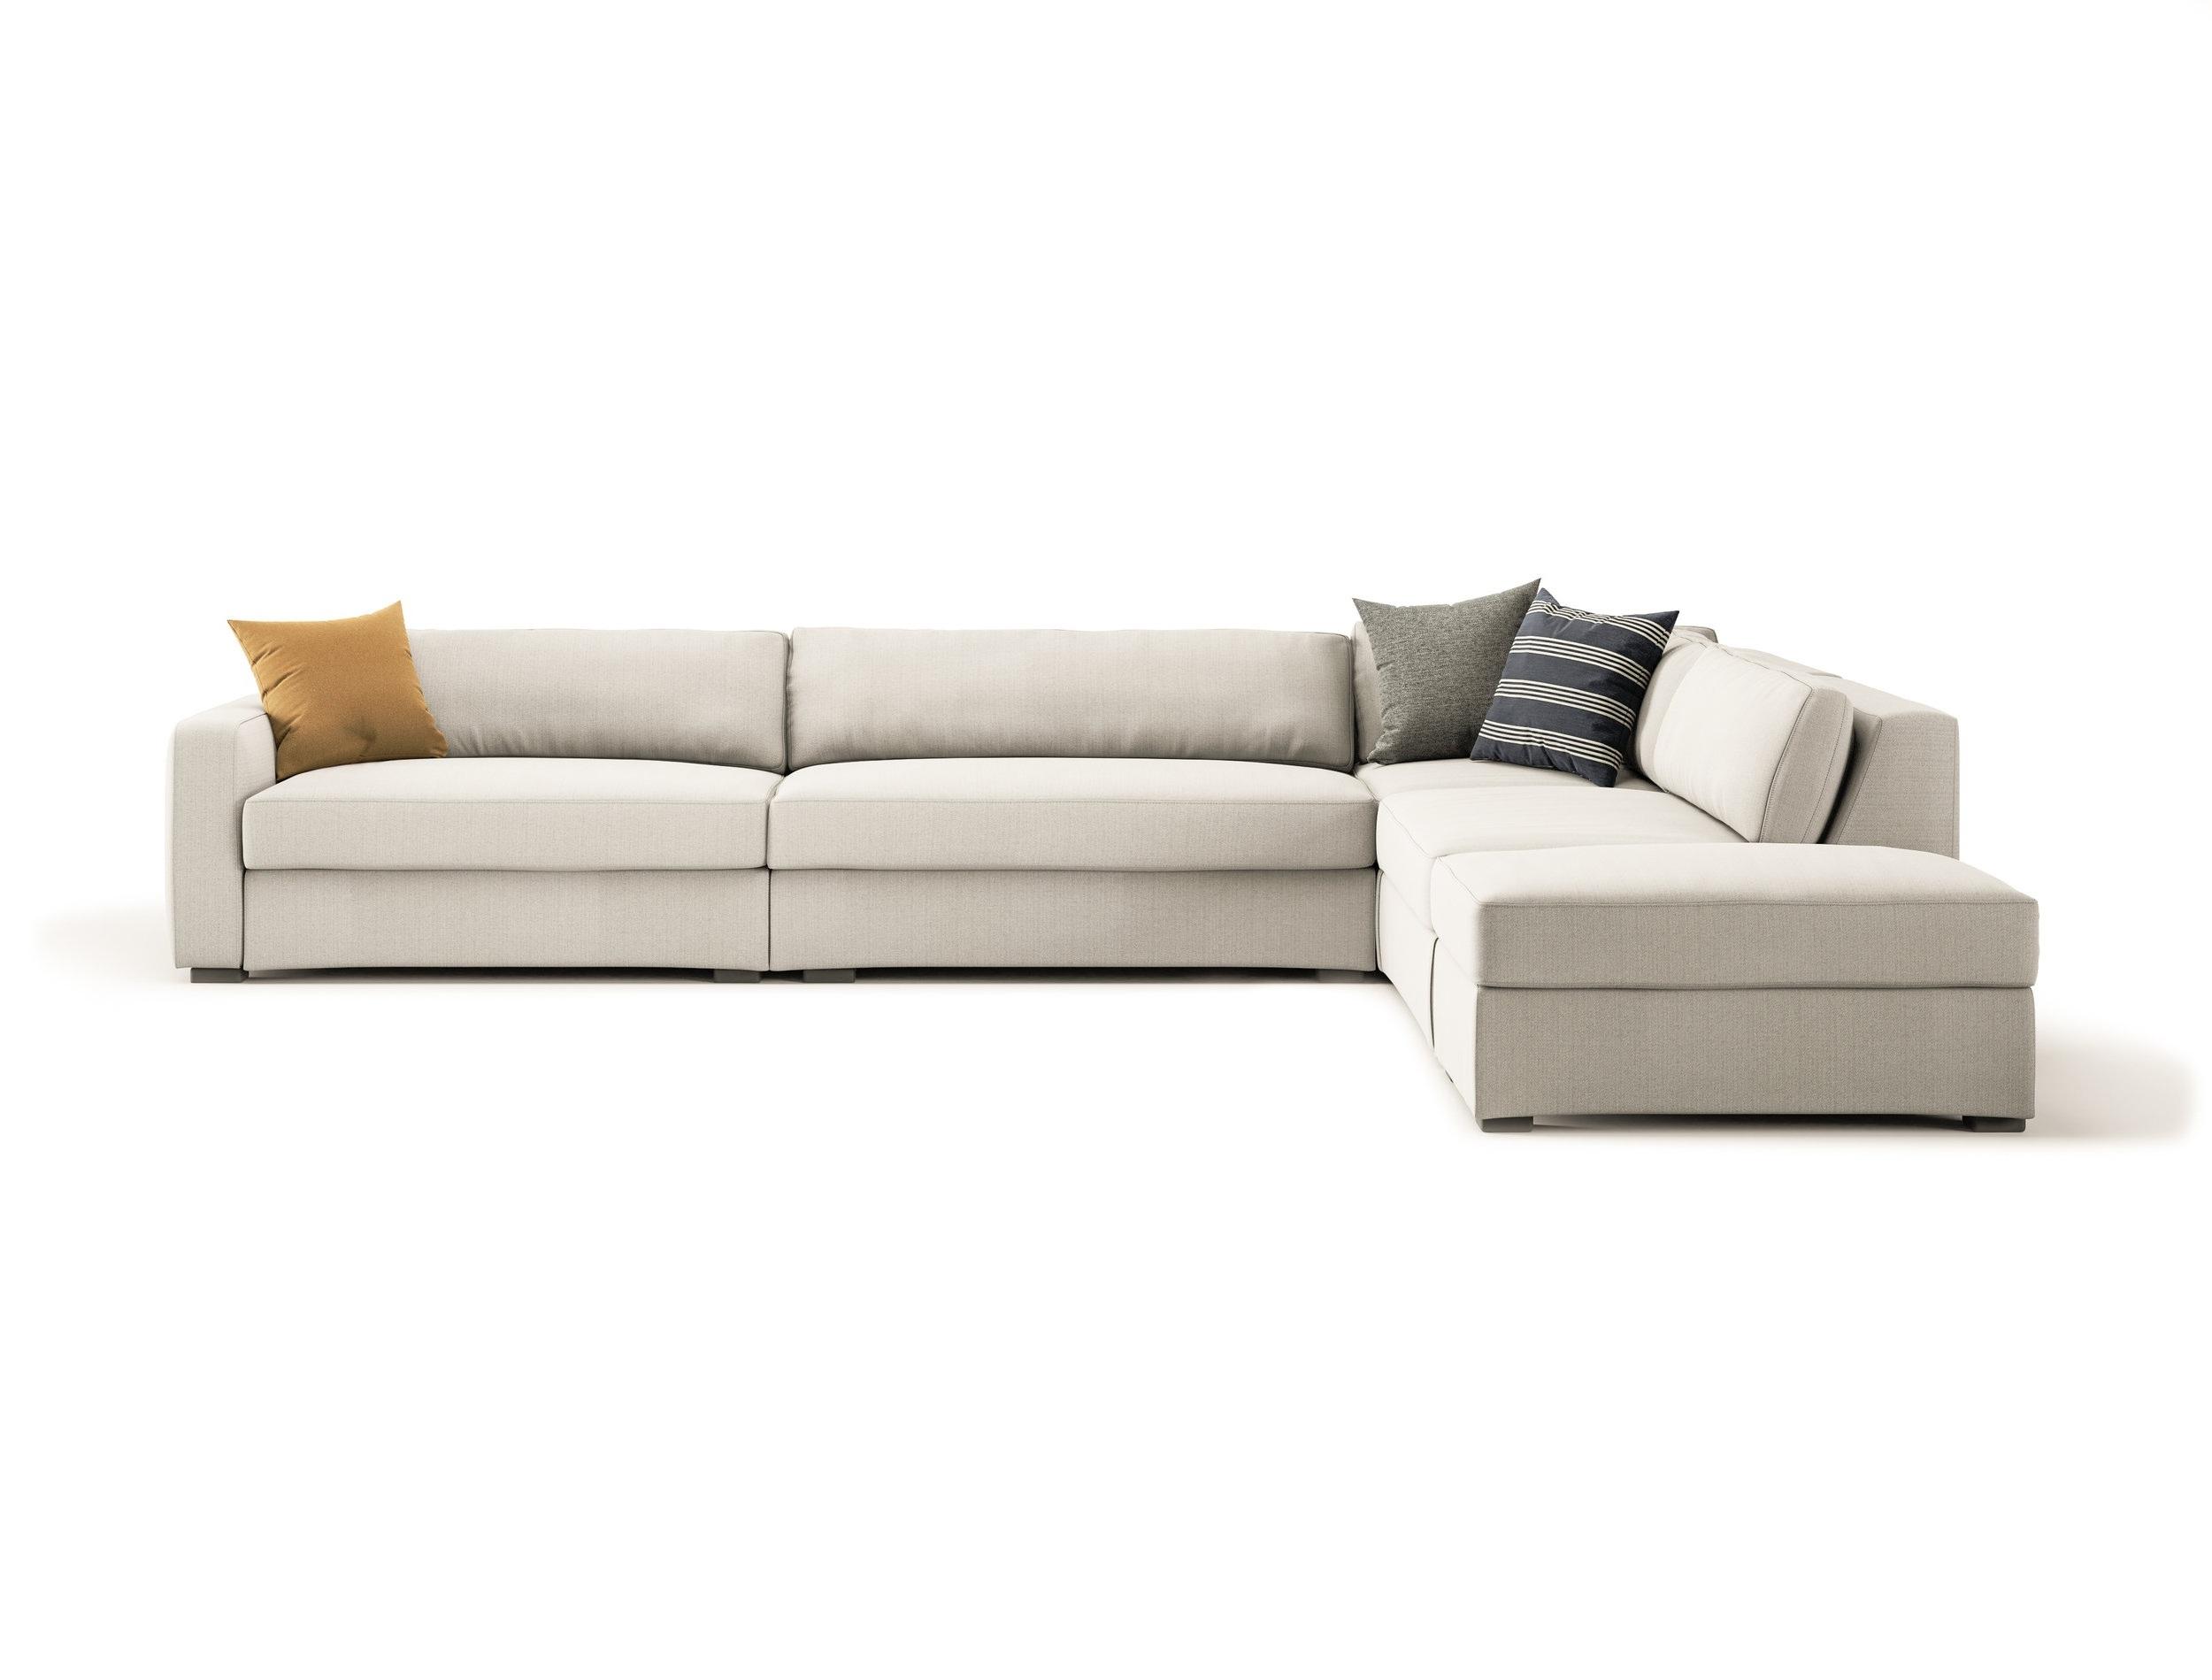 Sofa-Noorden-Sam-076-2.jpg